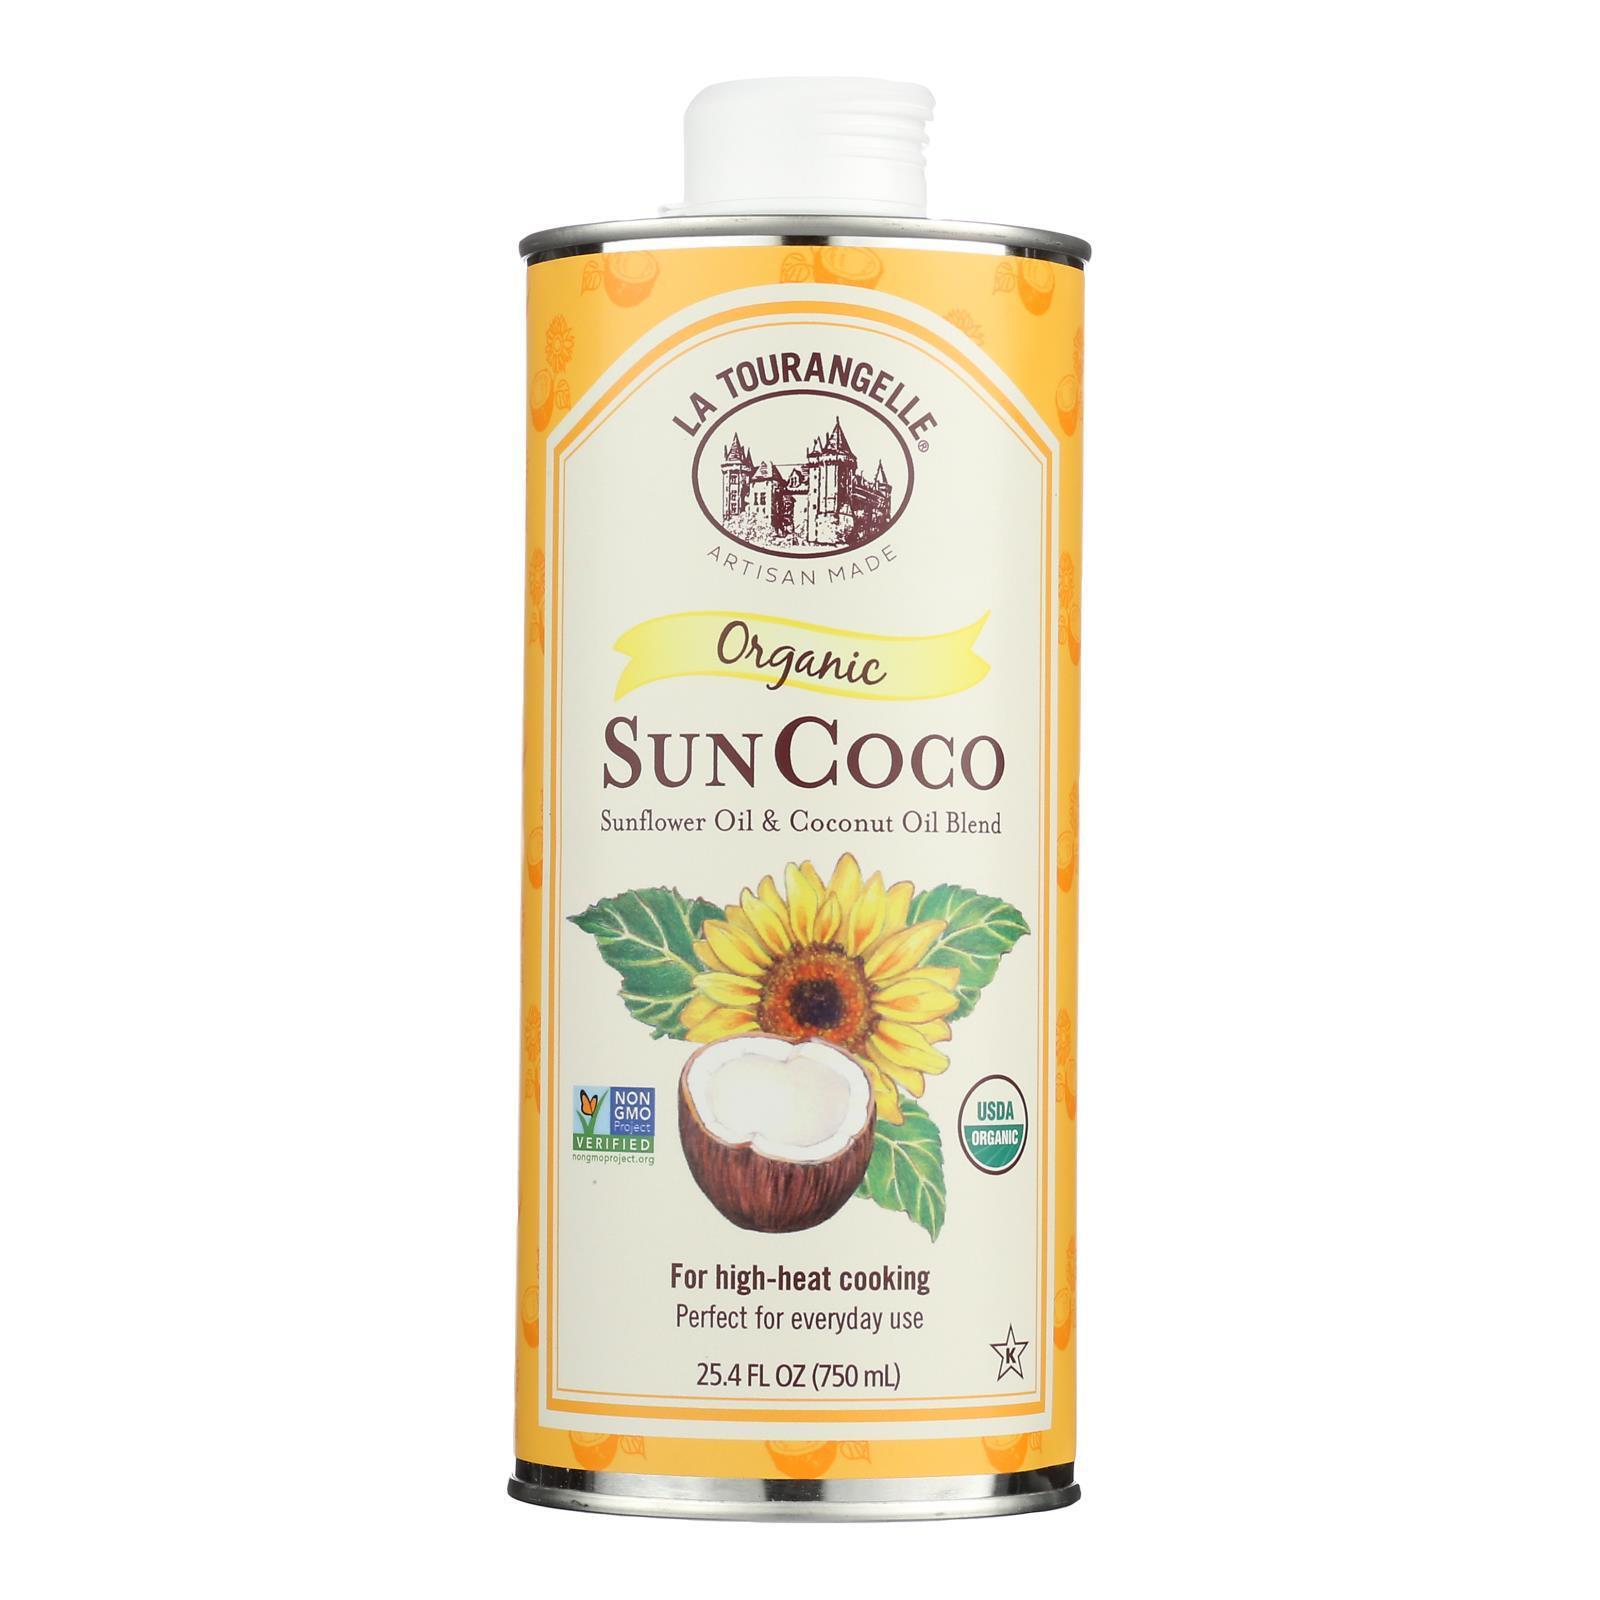 La Tourangelle Sun Coco Oil - Case of 6 - 25.4 Fl oz.